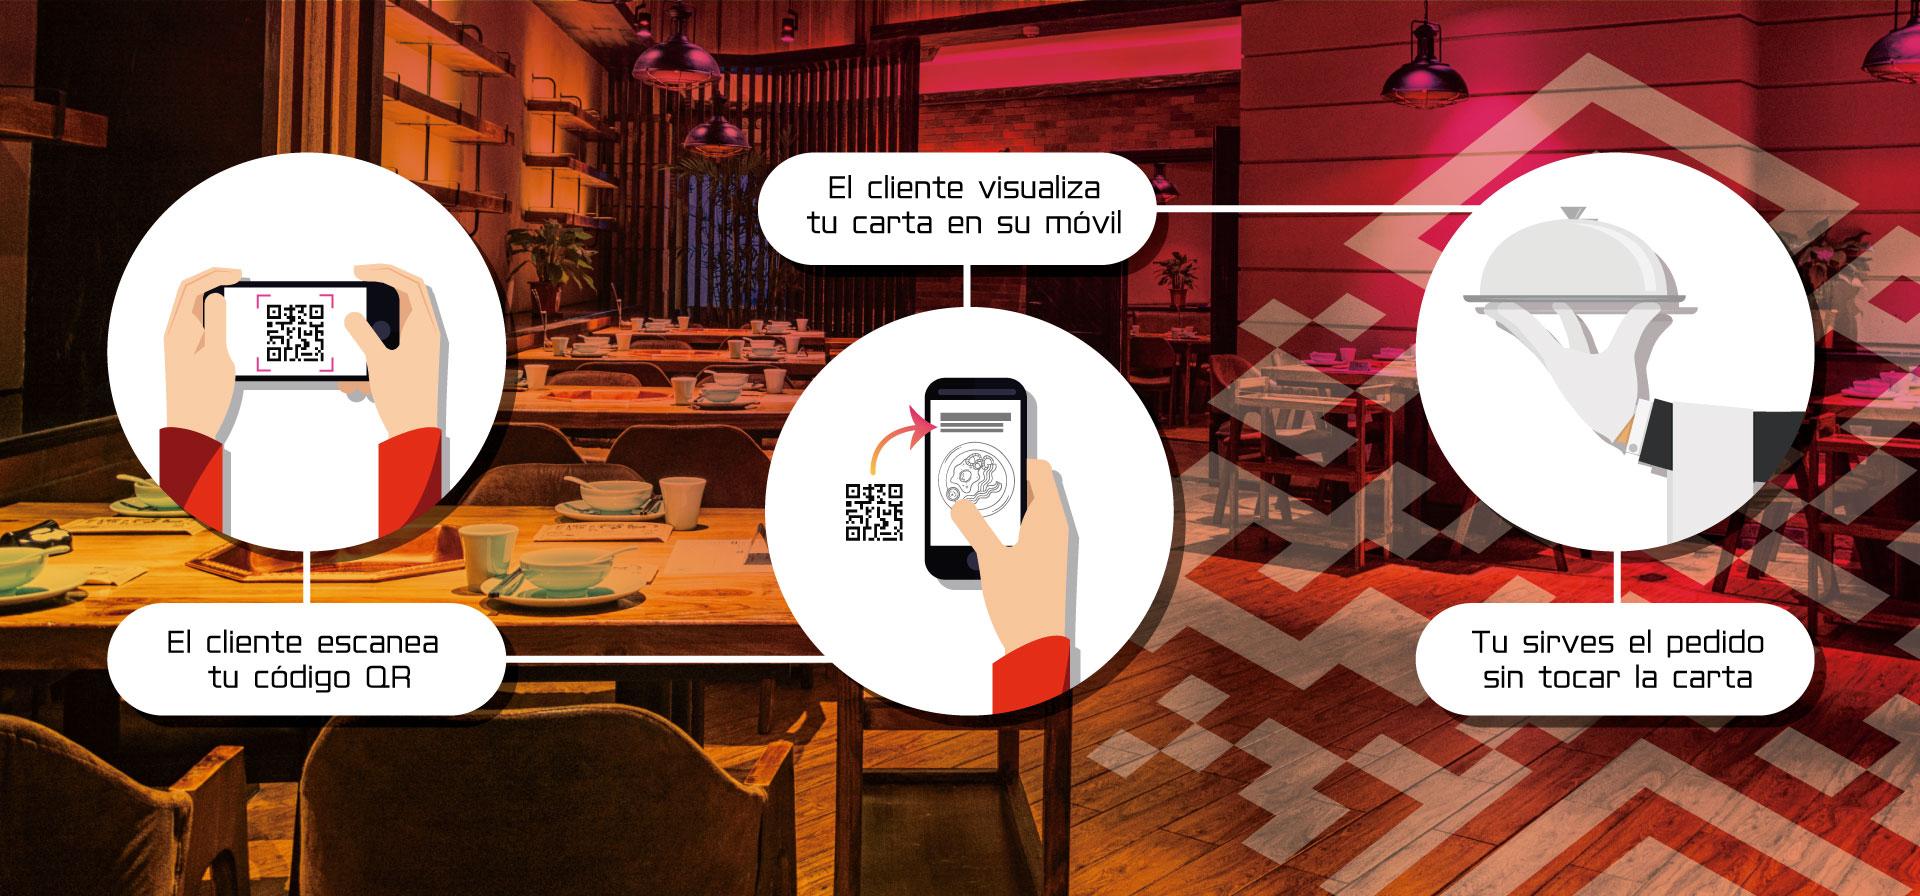 Cartas y menus digitales para bares y restaurantes con codigos QR-sistema